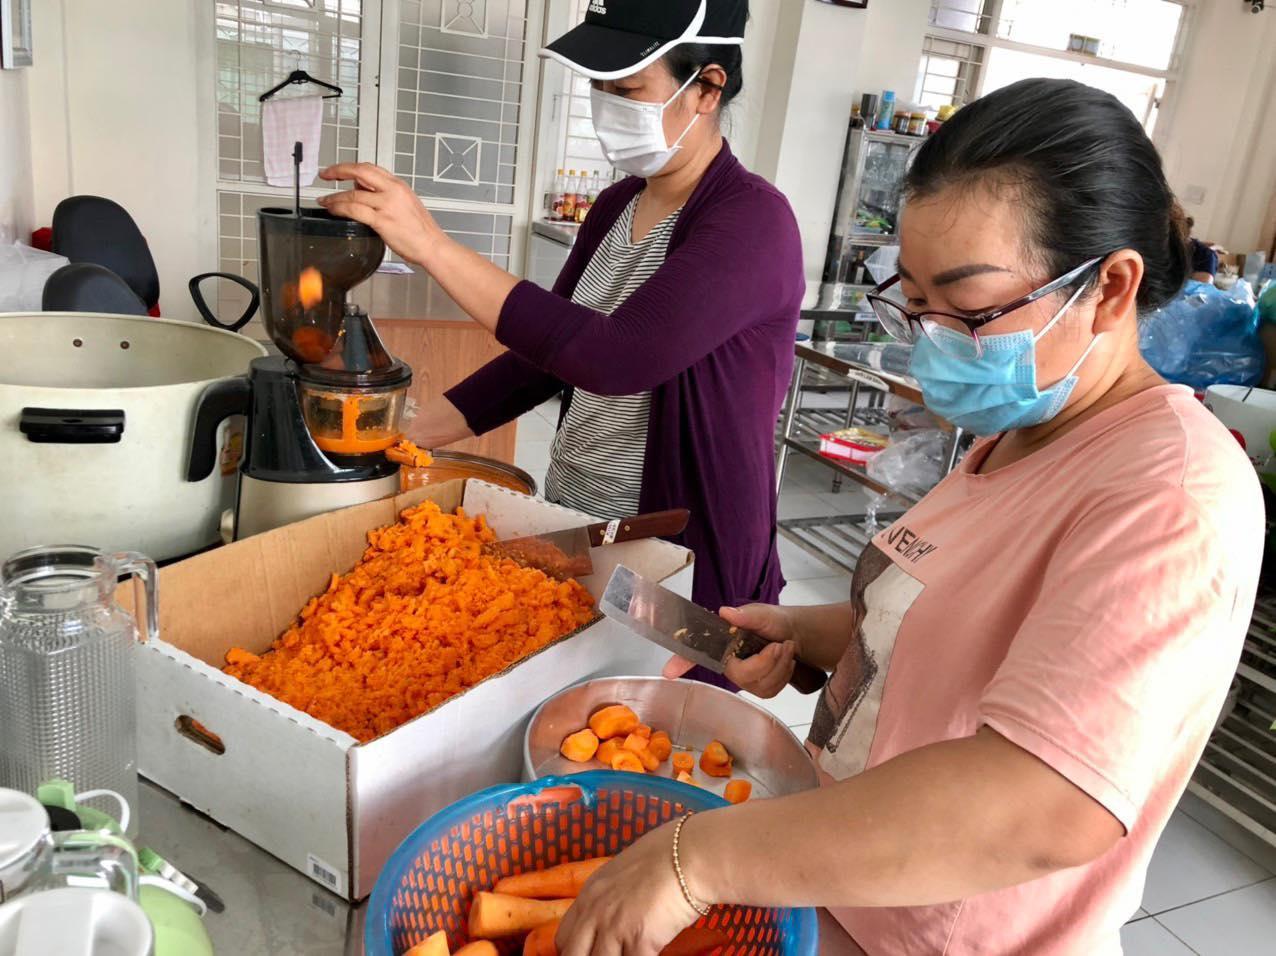 Các chị đang chuẩn bị nước ép, bổ sung dinh dưỡng cho các chốt đang làm nhiệm vụ